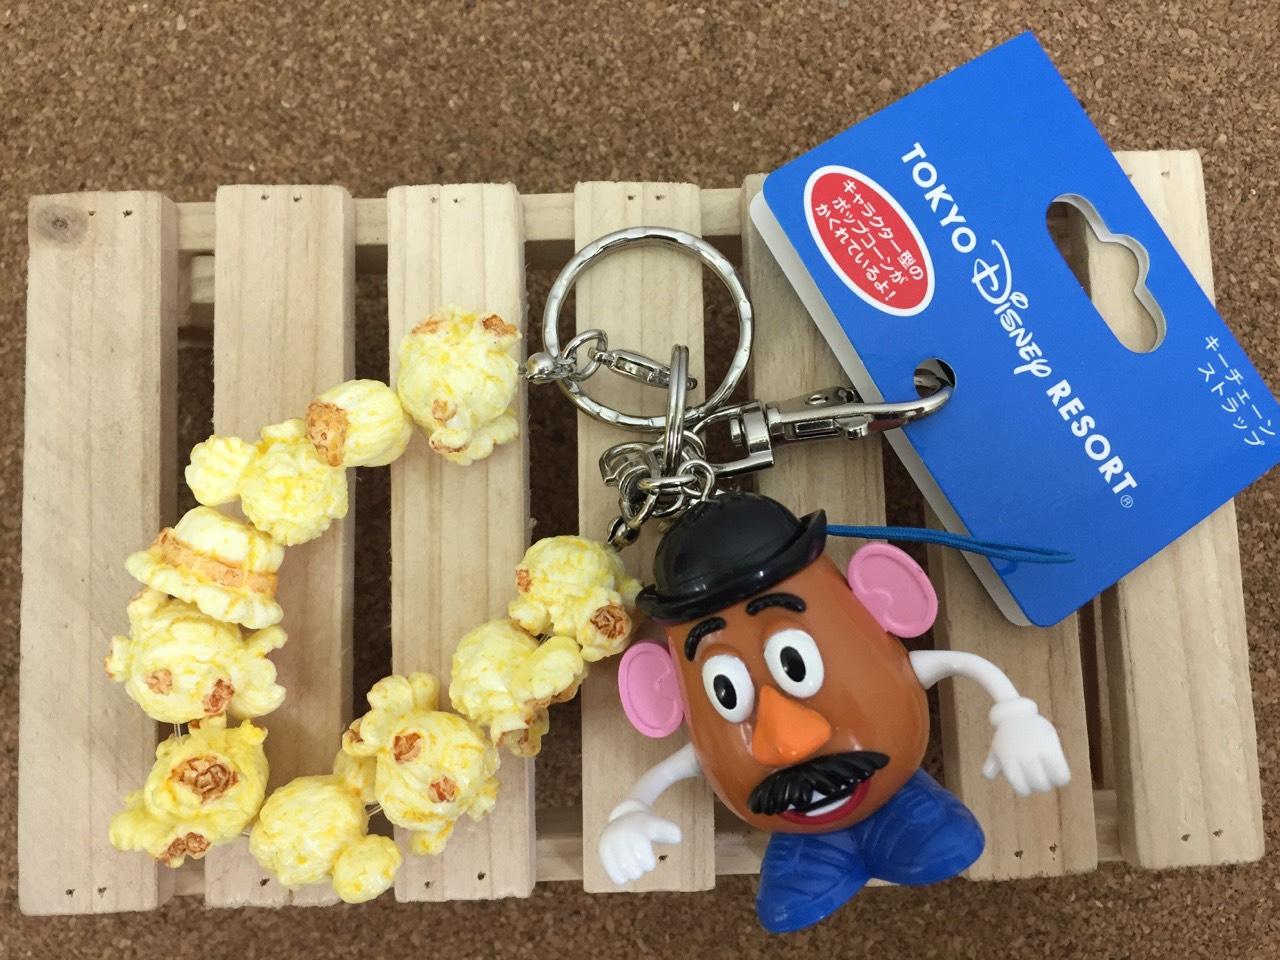 【真愛日本】15061300022 樂園限定鎖圈-爆米花筒蛋頭 迪士尼 玩具總動員 TOY 吊飾 飾品 鑰匙圈 正品 限量 預購